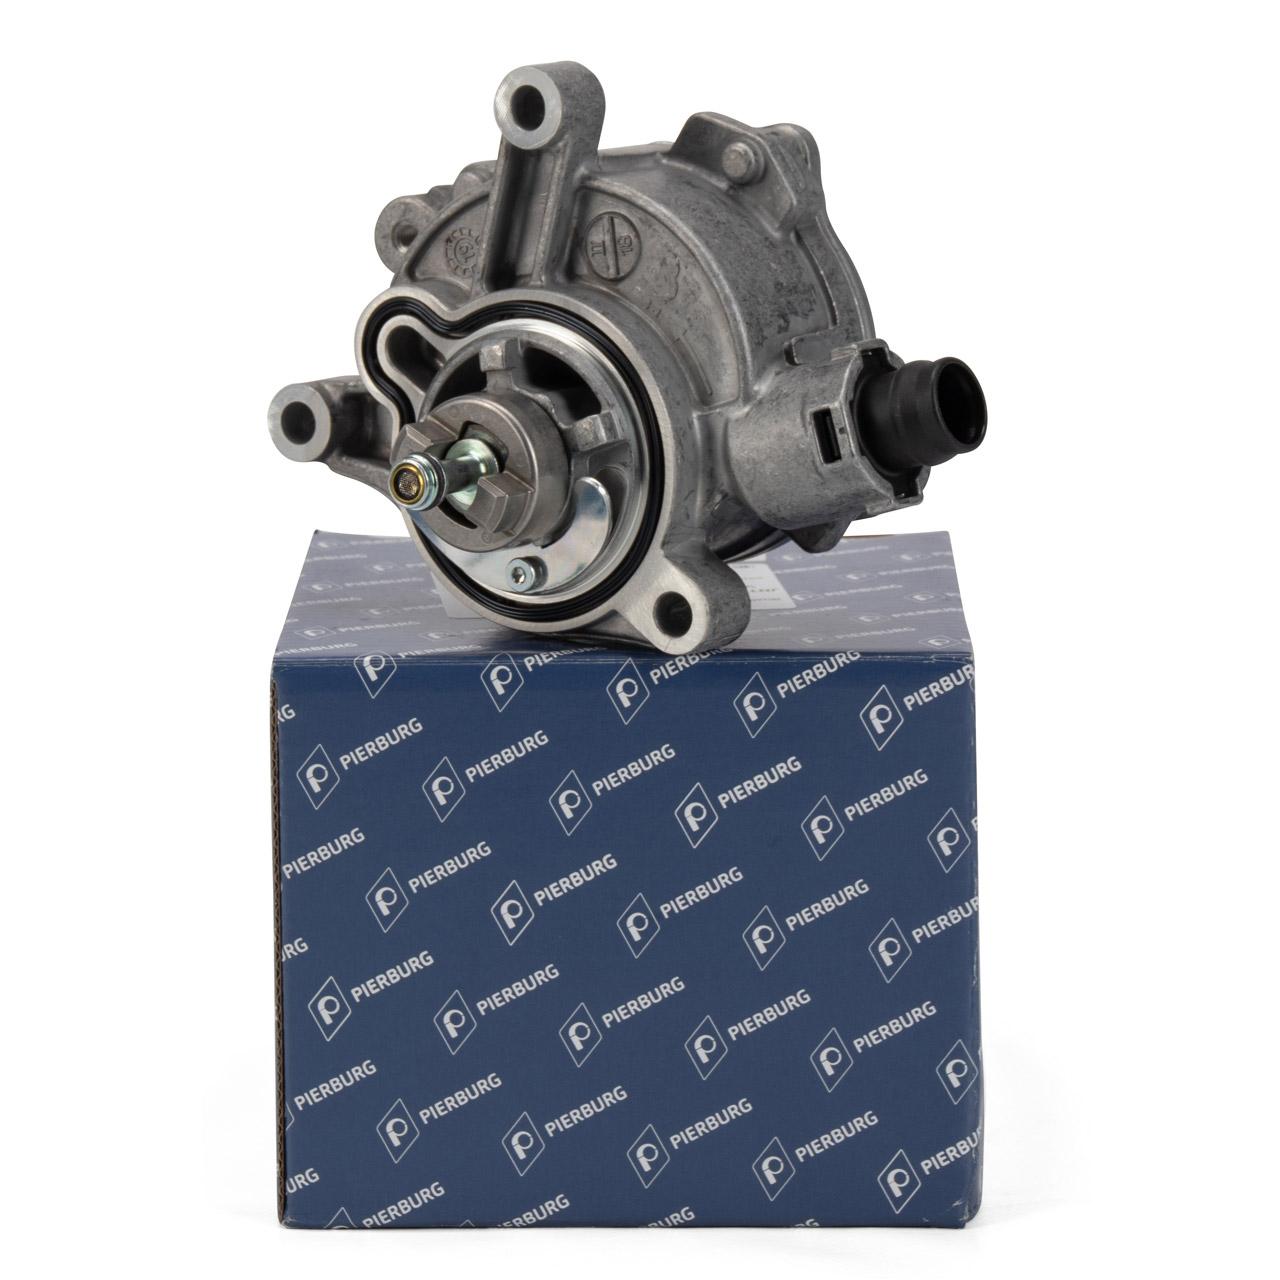 PIERBURG Unterdruckpumpe Bremsanlage VOLVO V40 S60 2 S80 2 XC60 XC70 2 V60 D4 D5 31375107